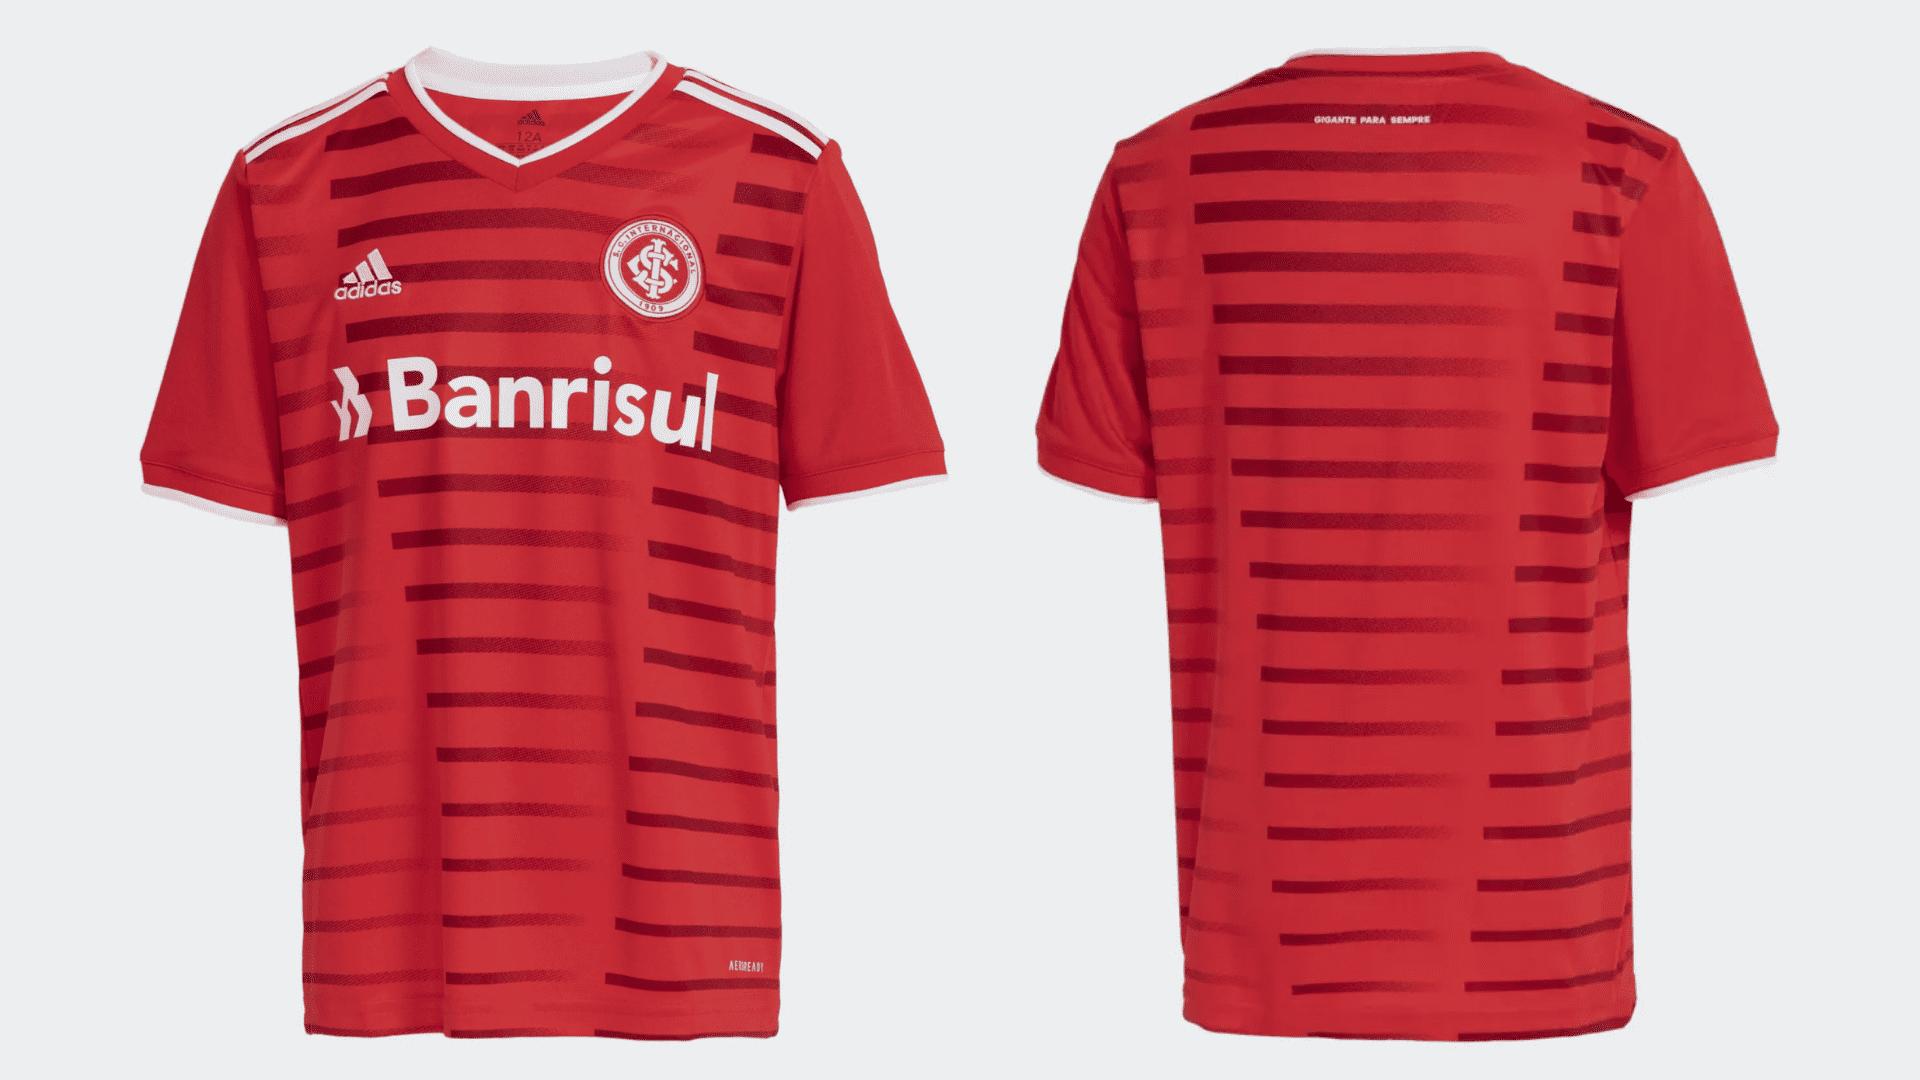 Camisa do Internacional Infantil 2021 Adidas Jogo 1 (Imagem: Divulgação/Adidas)